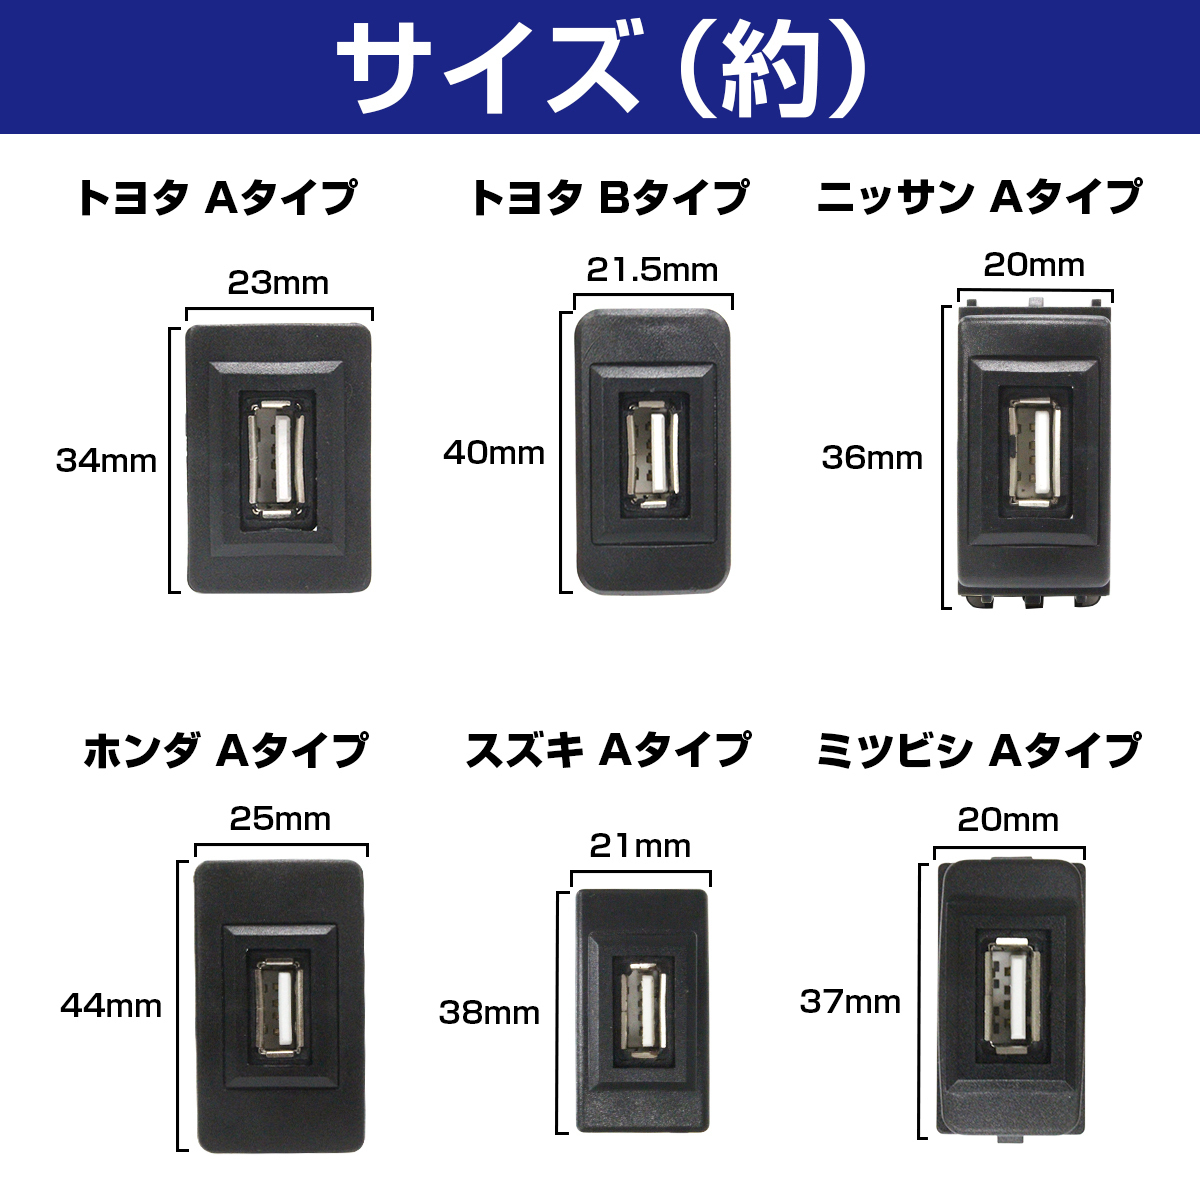 【トヨタAタイプ】 ヴィッツ UZJ/HDJ100系 H17.2~H22.11 純正風 USB接続通信パネル 配線付 USB1ポート 埋め込み 増設USBケーブル 2.1A 12V_画像5